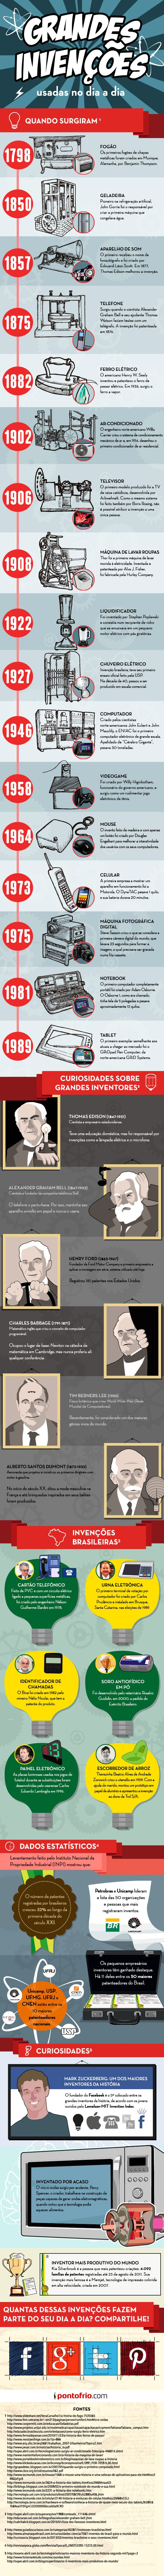 Infográfico - Grandes invenções usadas no dia a dia